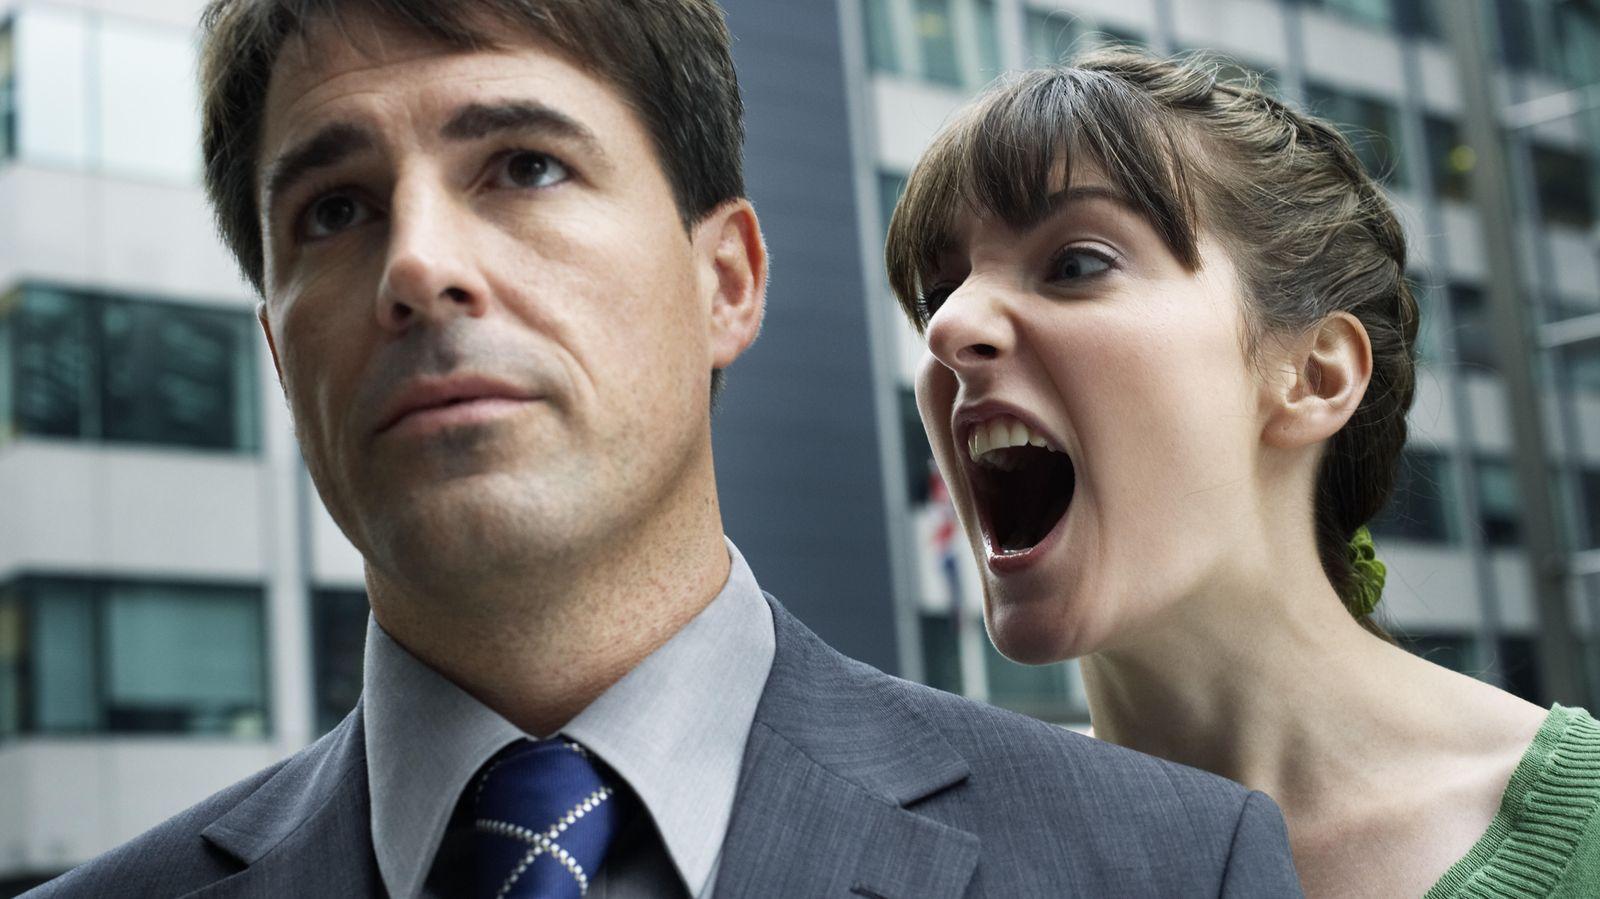 Foto: A él le da igual que quieras estrangularle. Si pierdes el control, al final el berrinche te lo llevas solo tú. (Corbis)